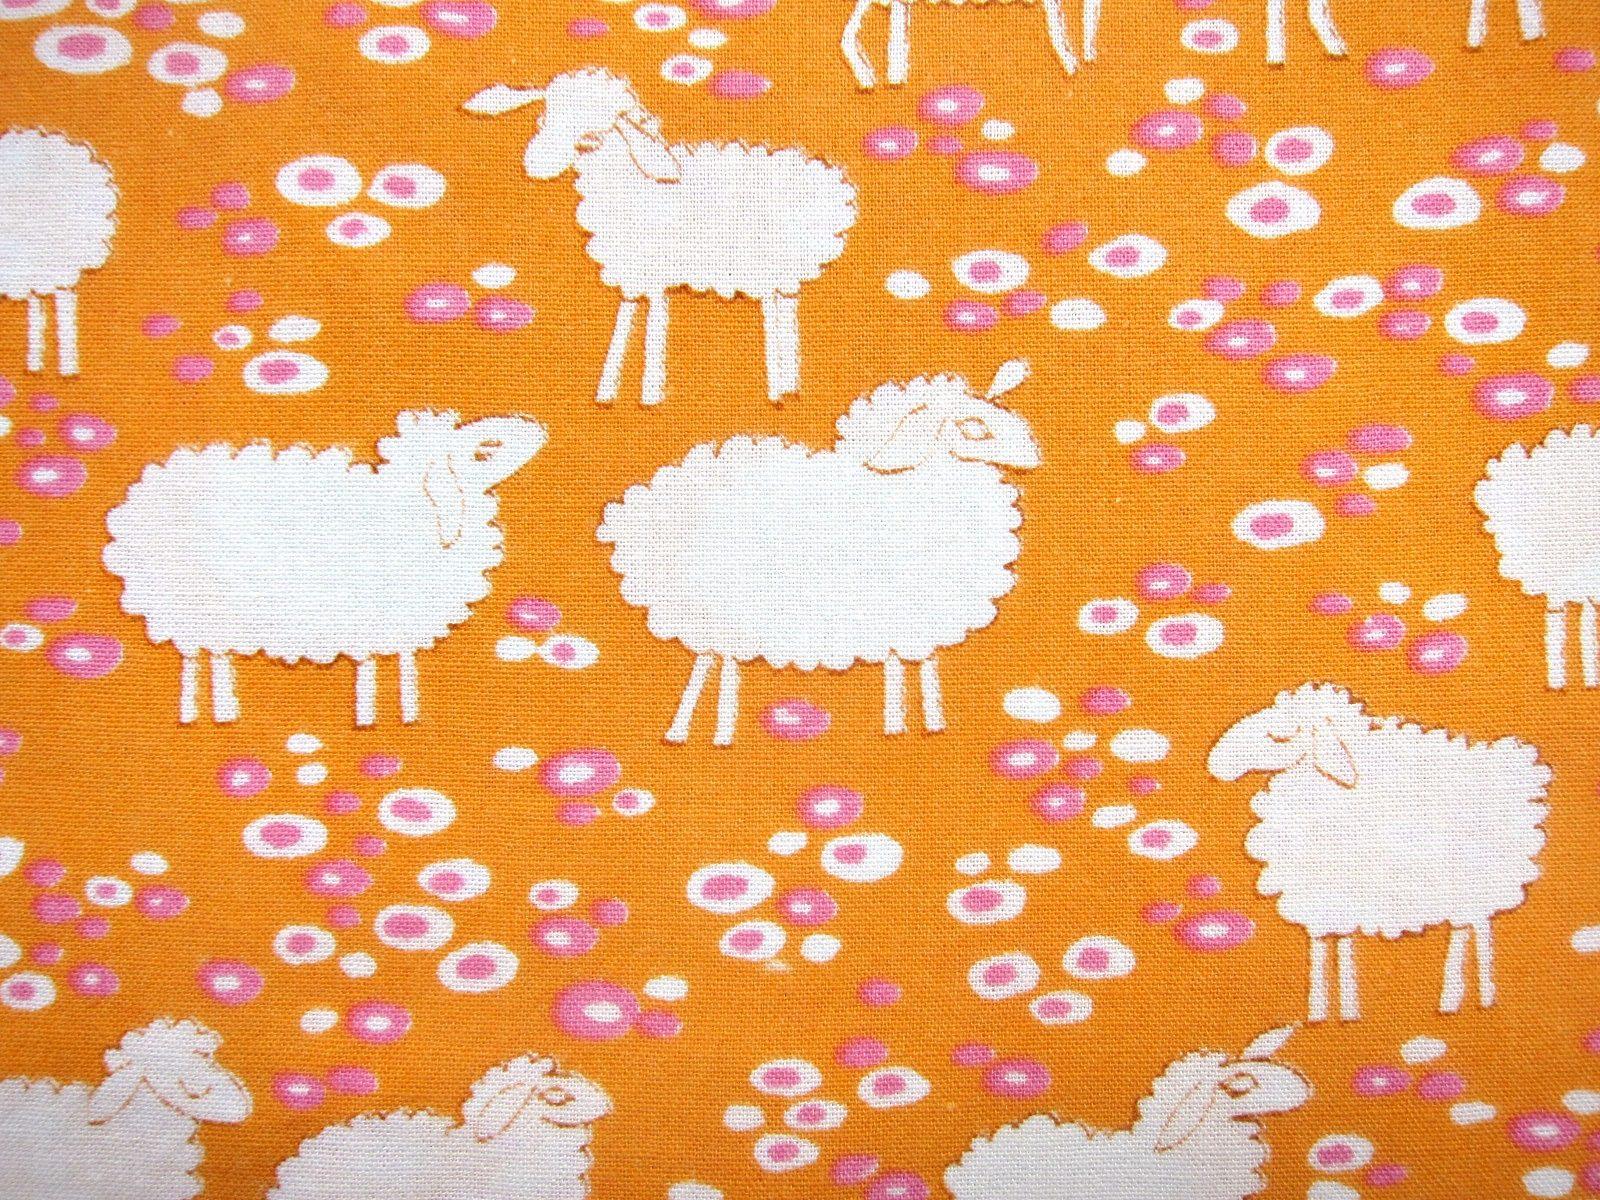 羊のイラスト オレンジ色の動物柄ヴィンテージ生地 幅94cm